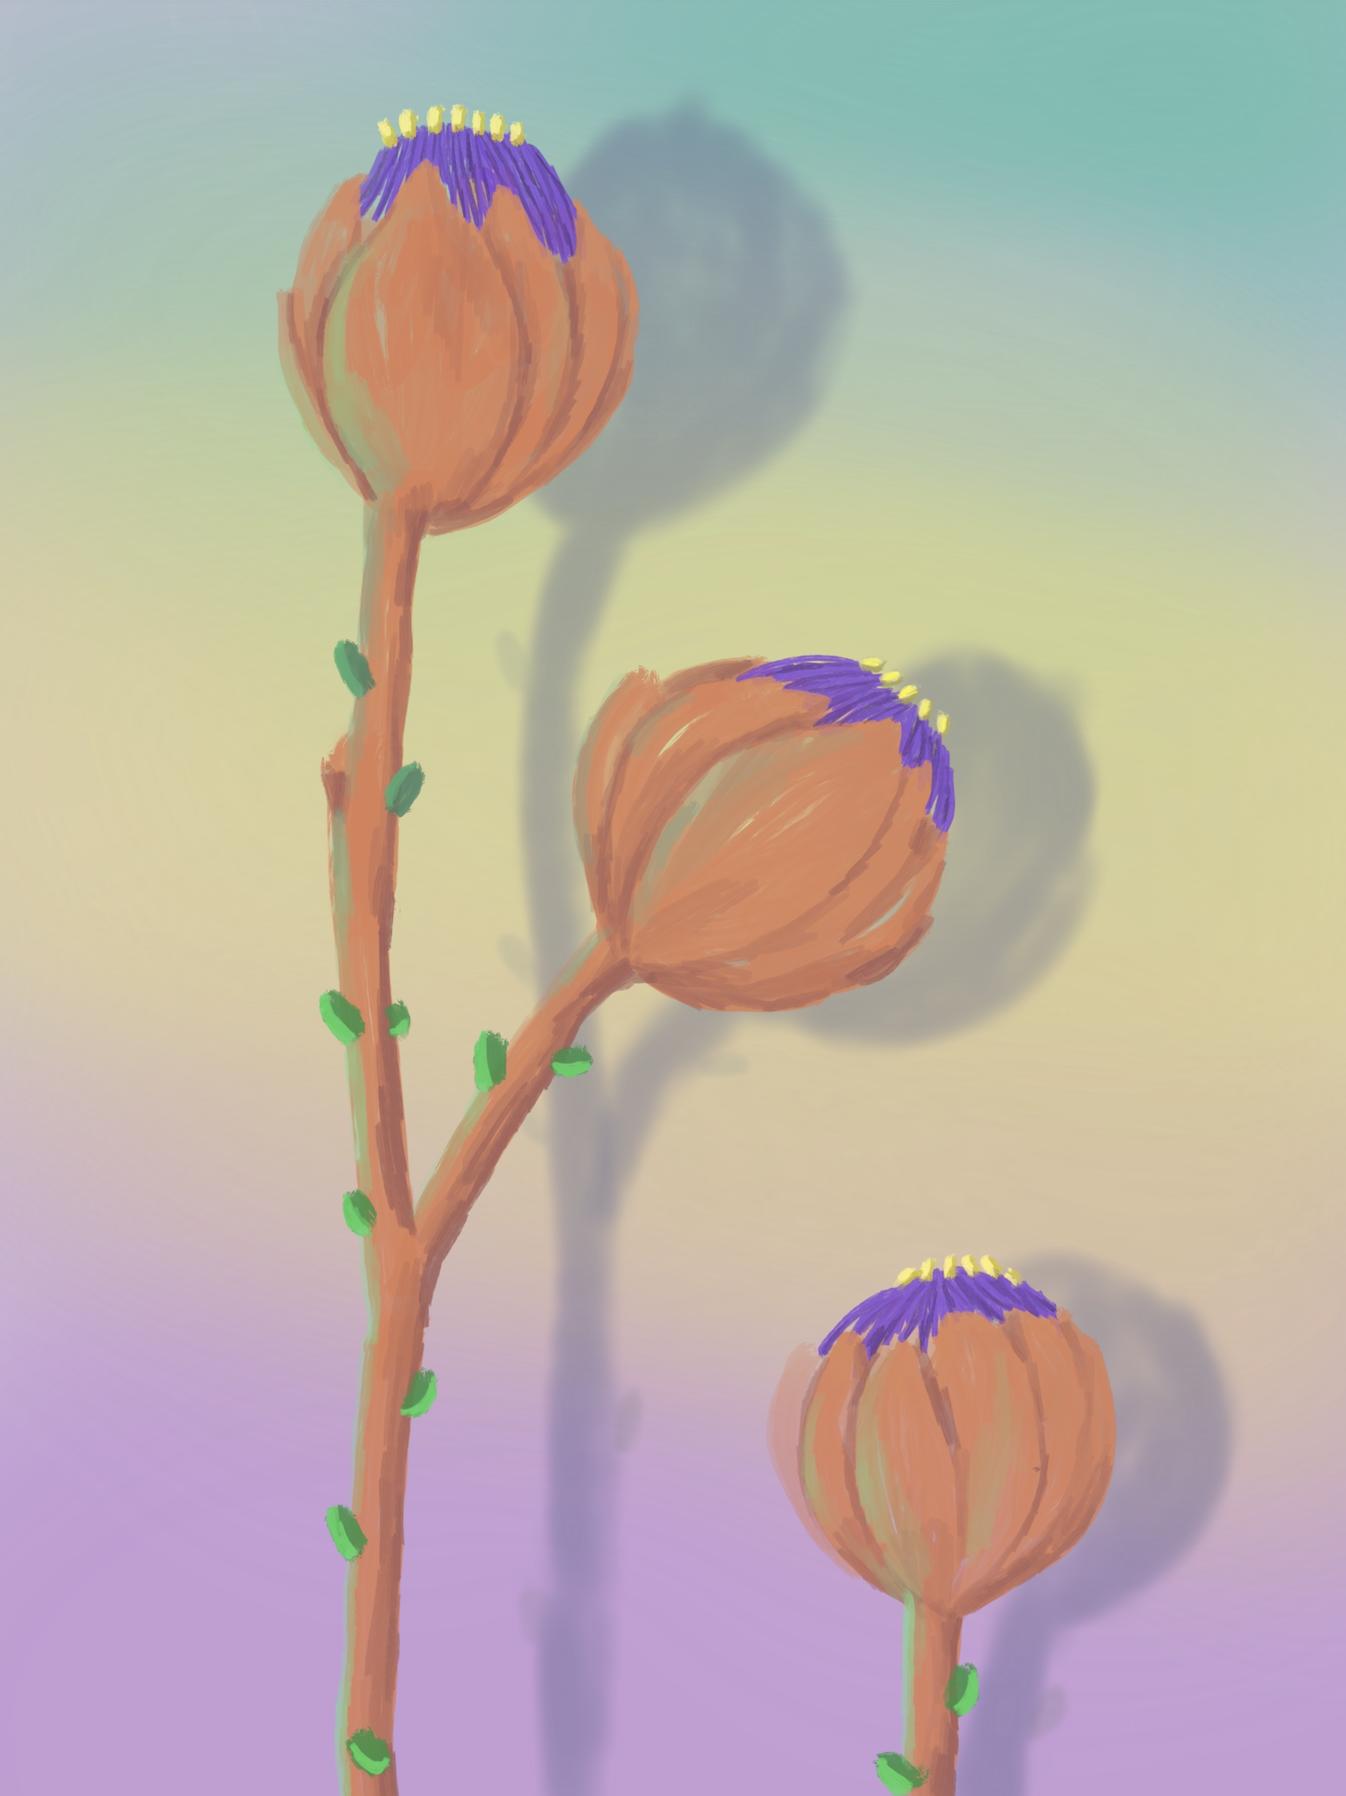 fleurs 2, acrylic on canvas, 45x60cm